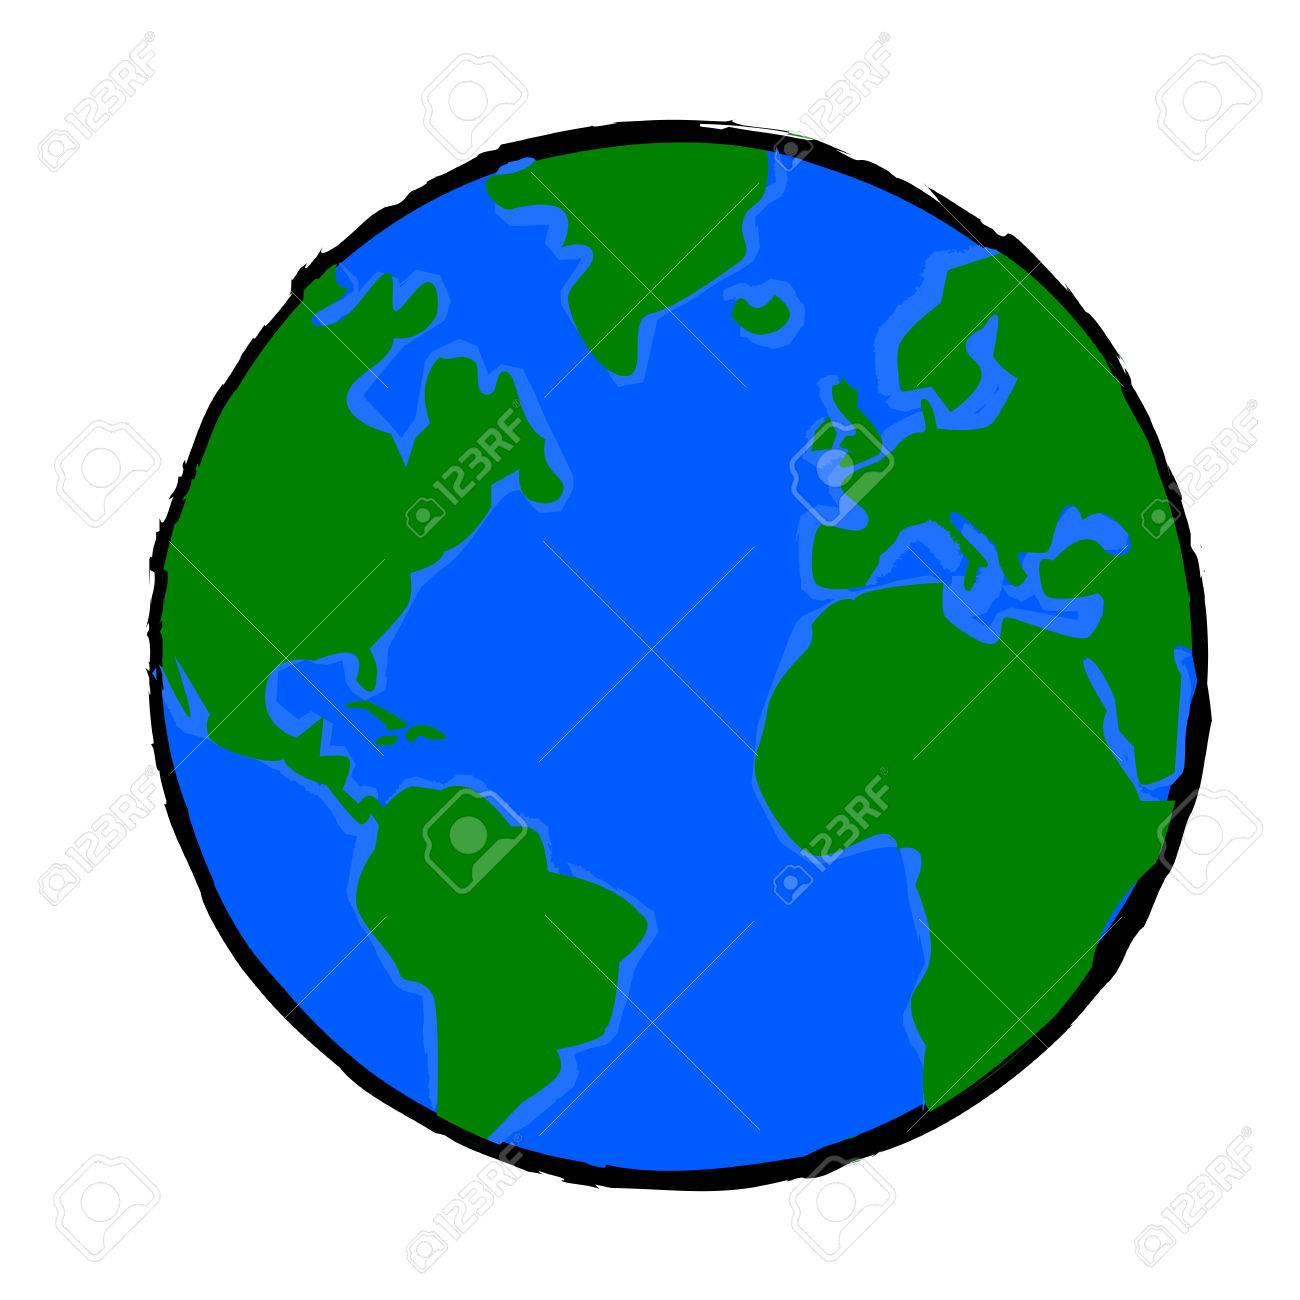 Dessin Planète Terre illustration de dessin animé montrant une planète terre peint clip